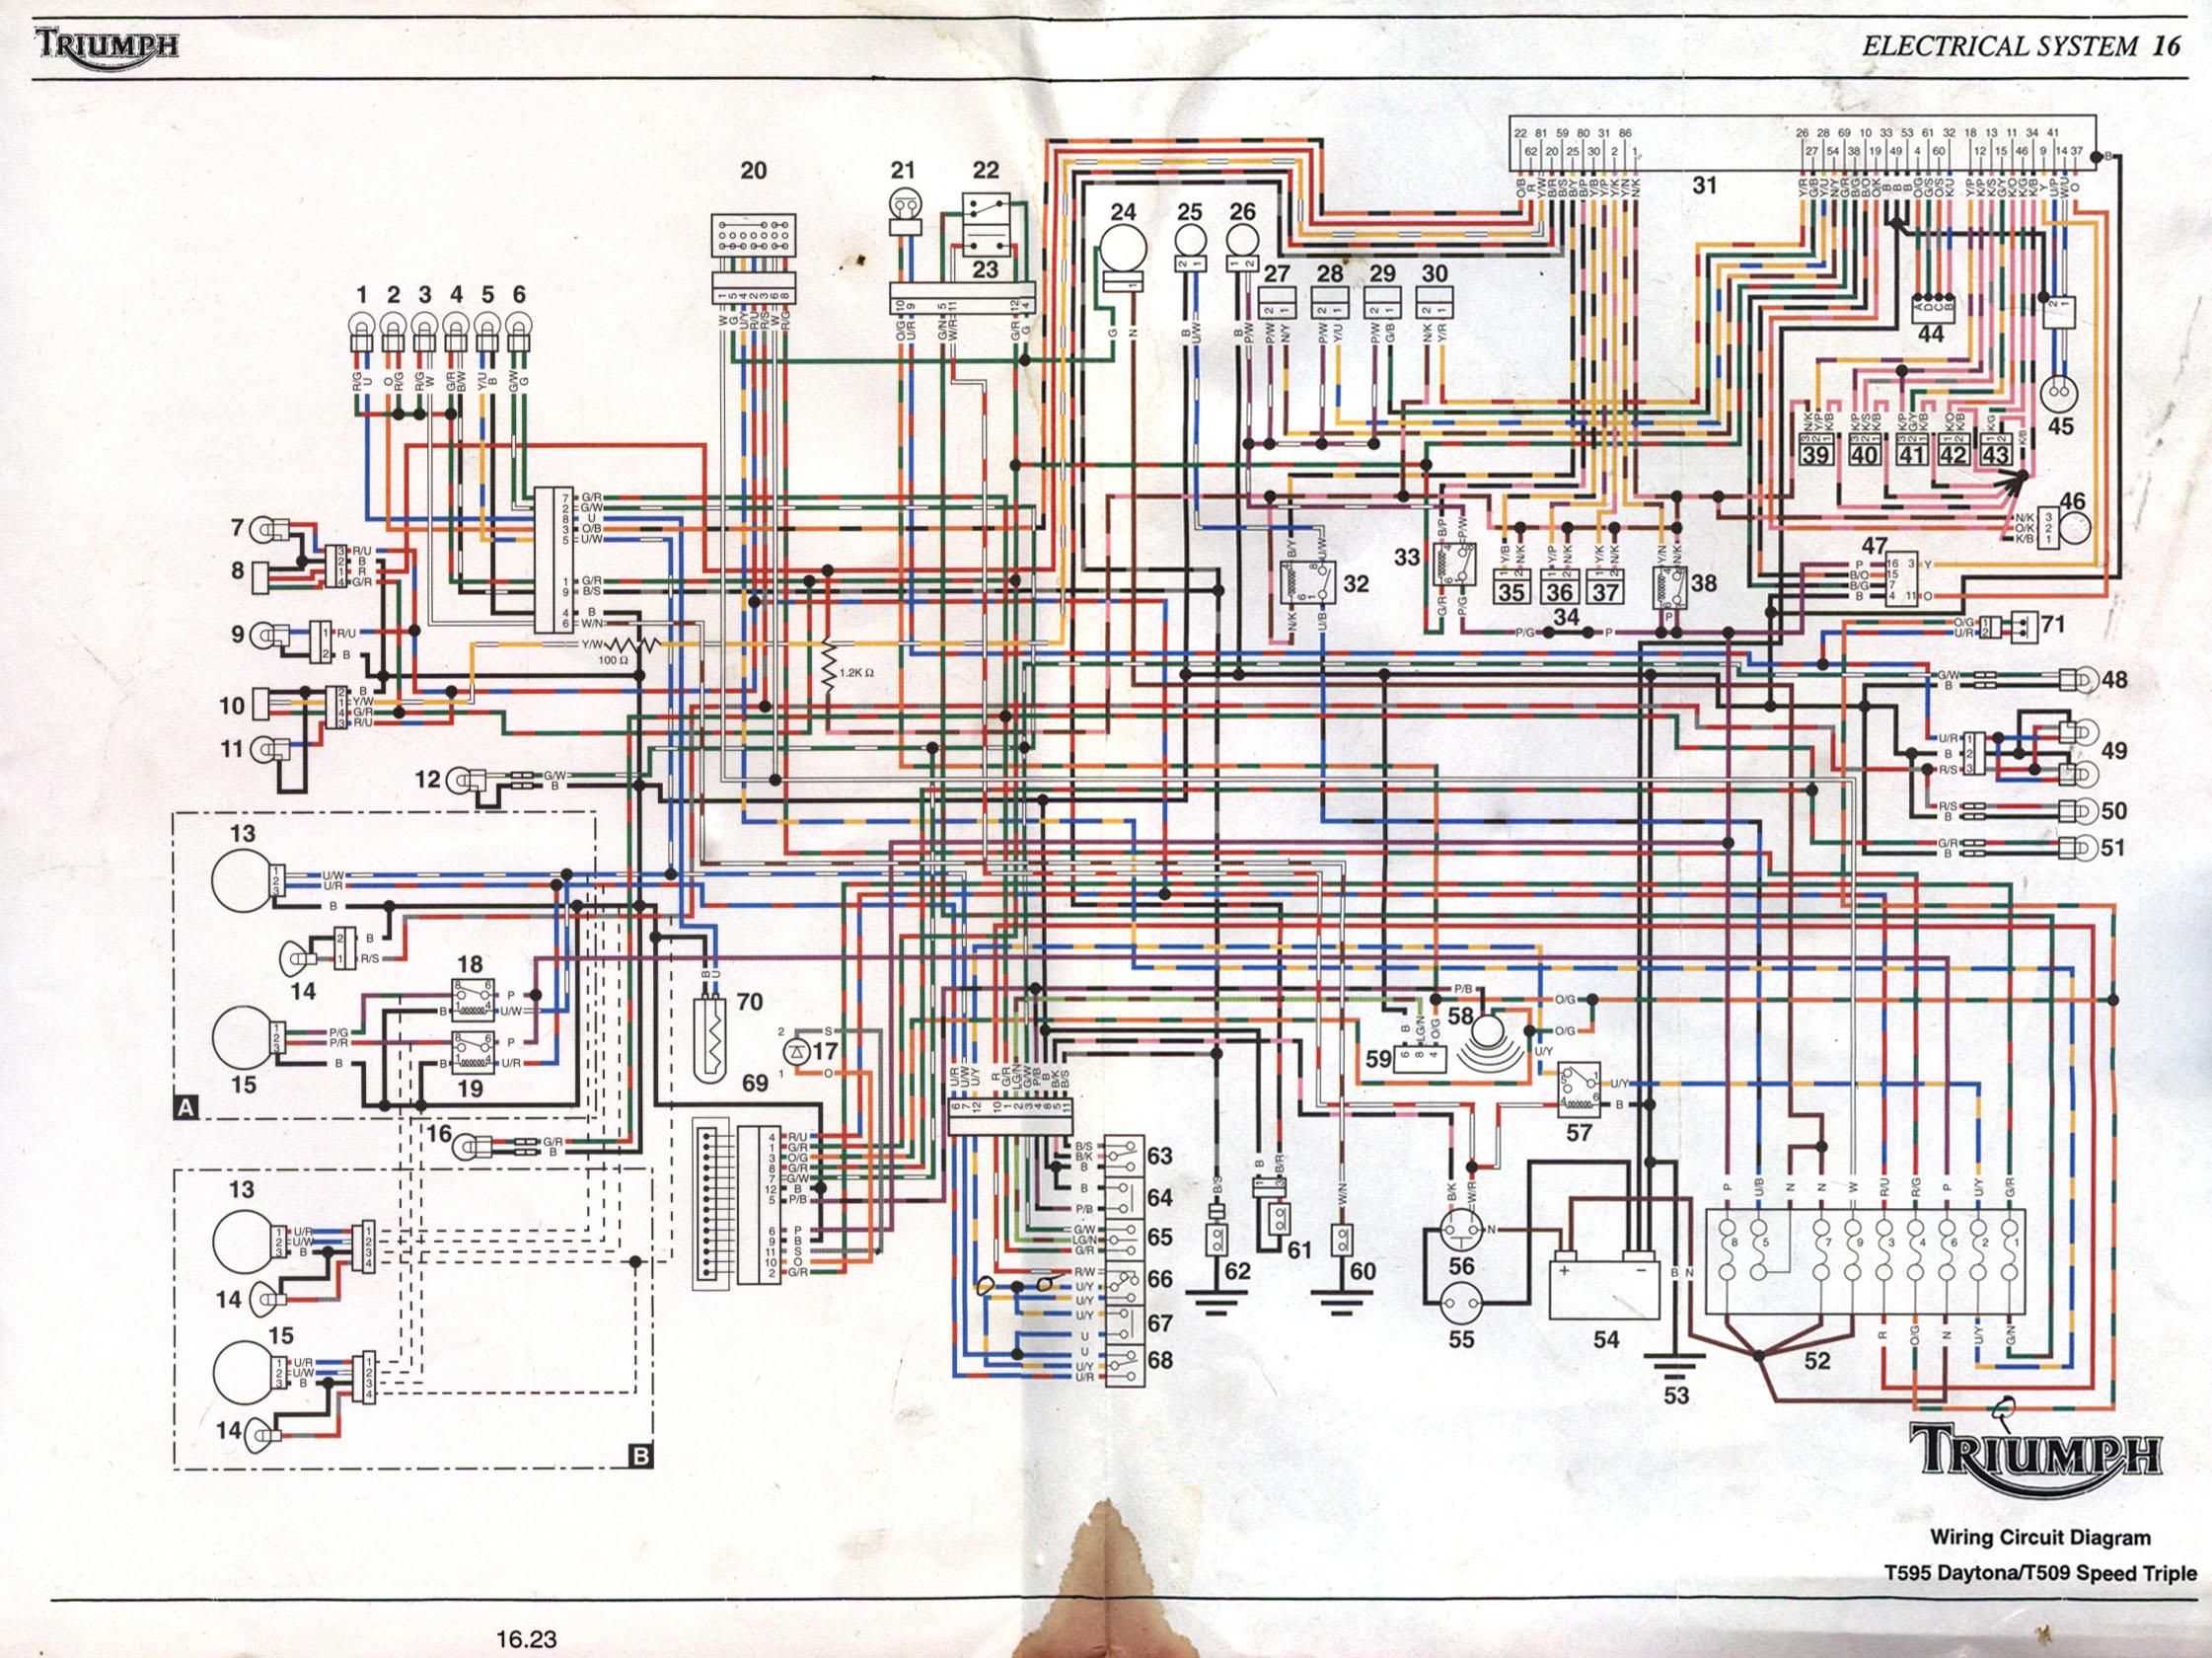 Wiring Diagram Suzuki Gsx R 1000 Trusted 2003 Gsxr 600 R1000 Search For Diagrams U2022 S1000